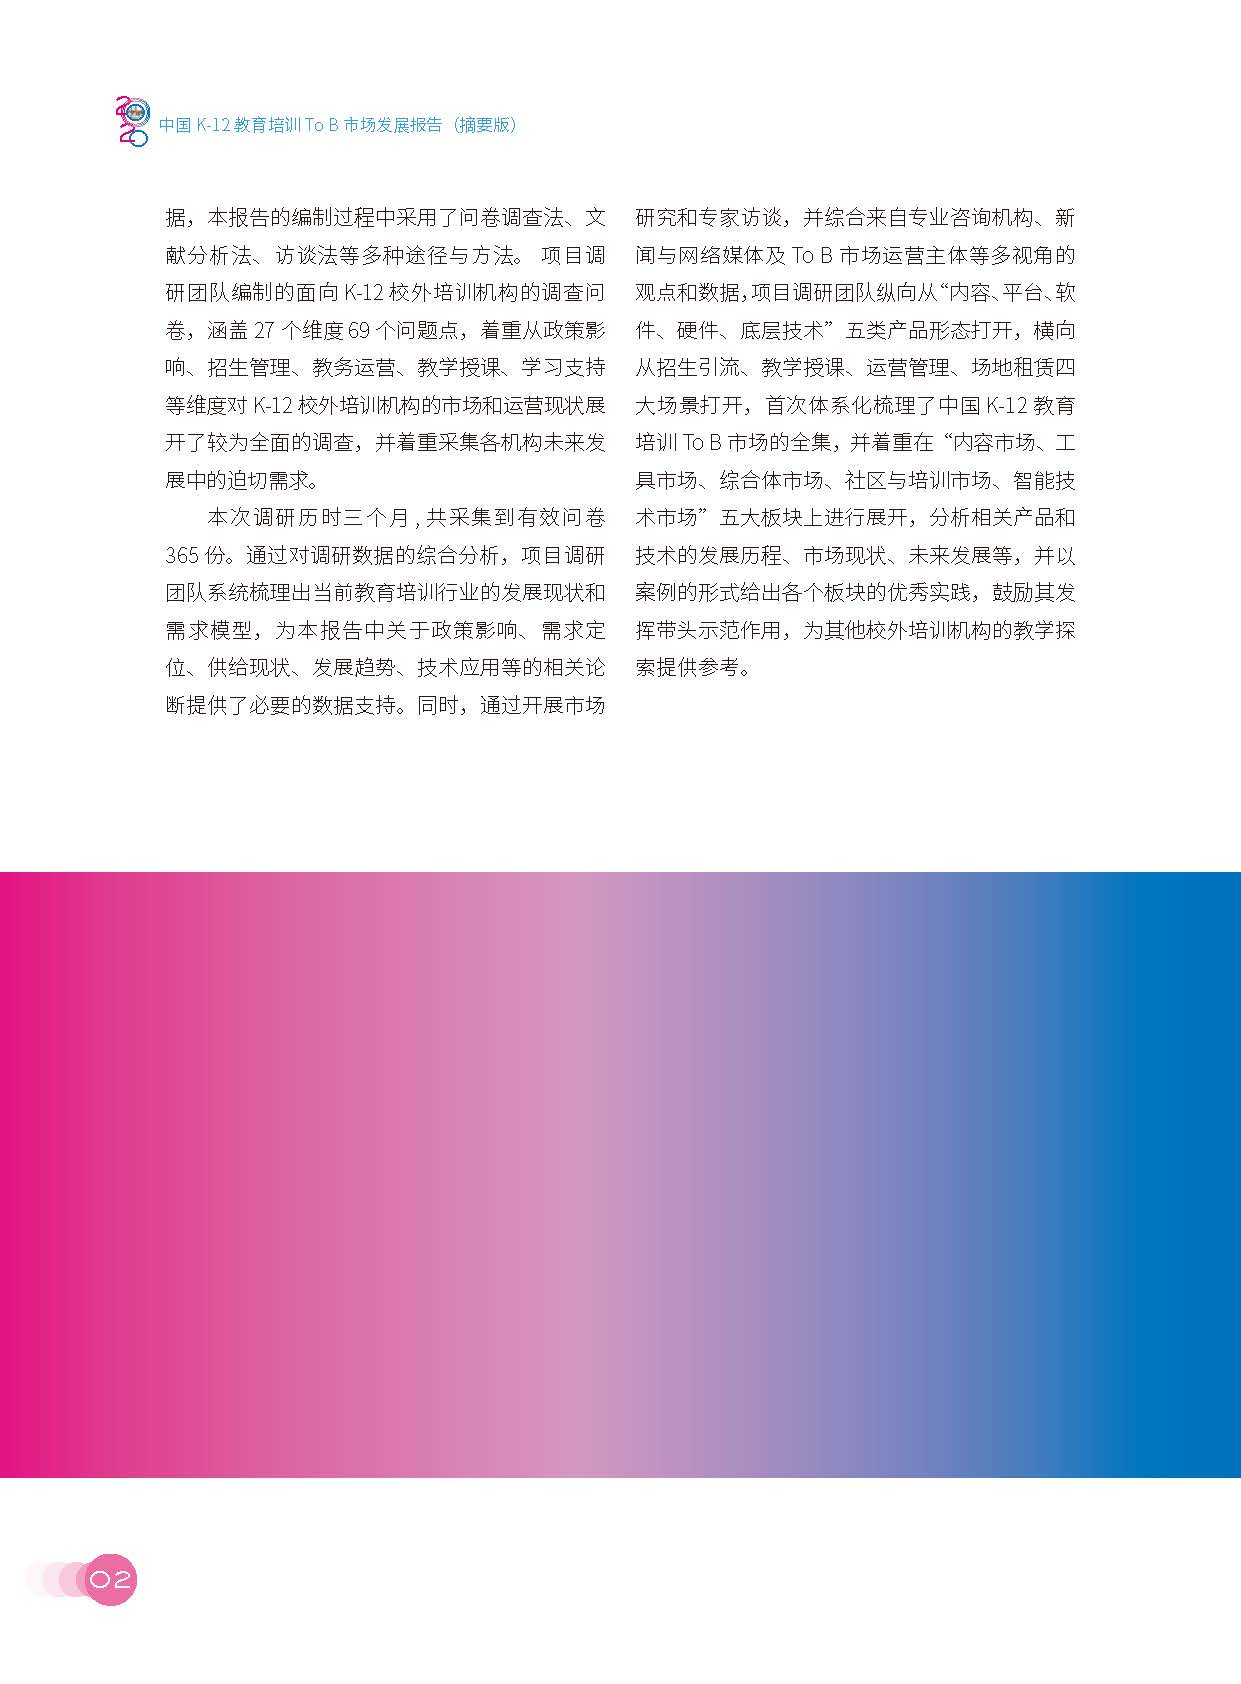 中国教育科学研究院:2020中国K~12教育培训To B市场发展报告(56页)_页面_05.jpg